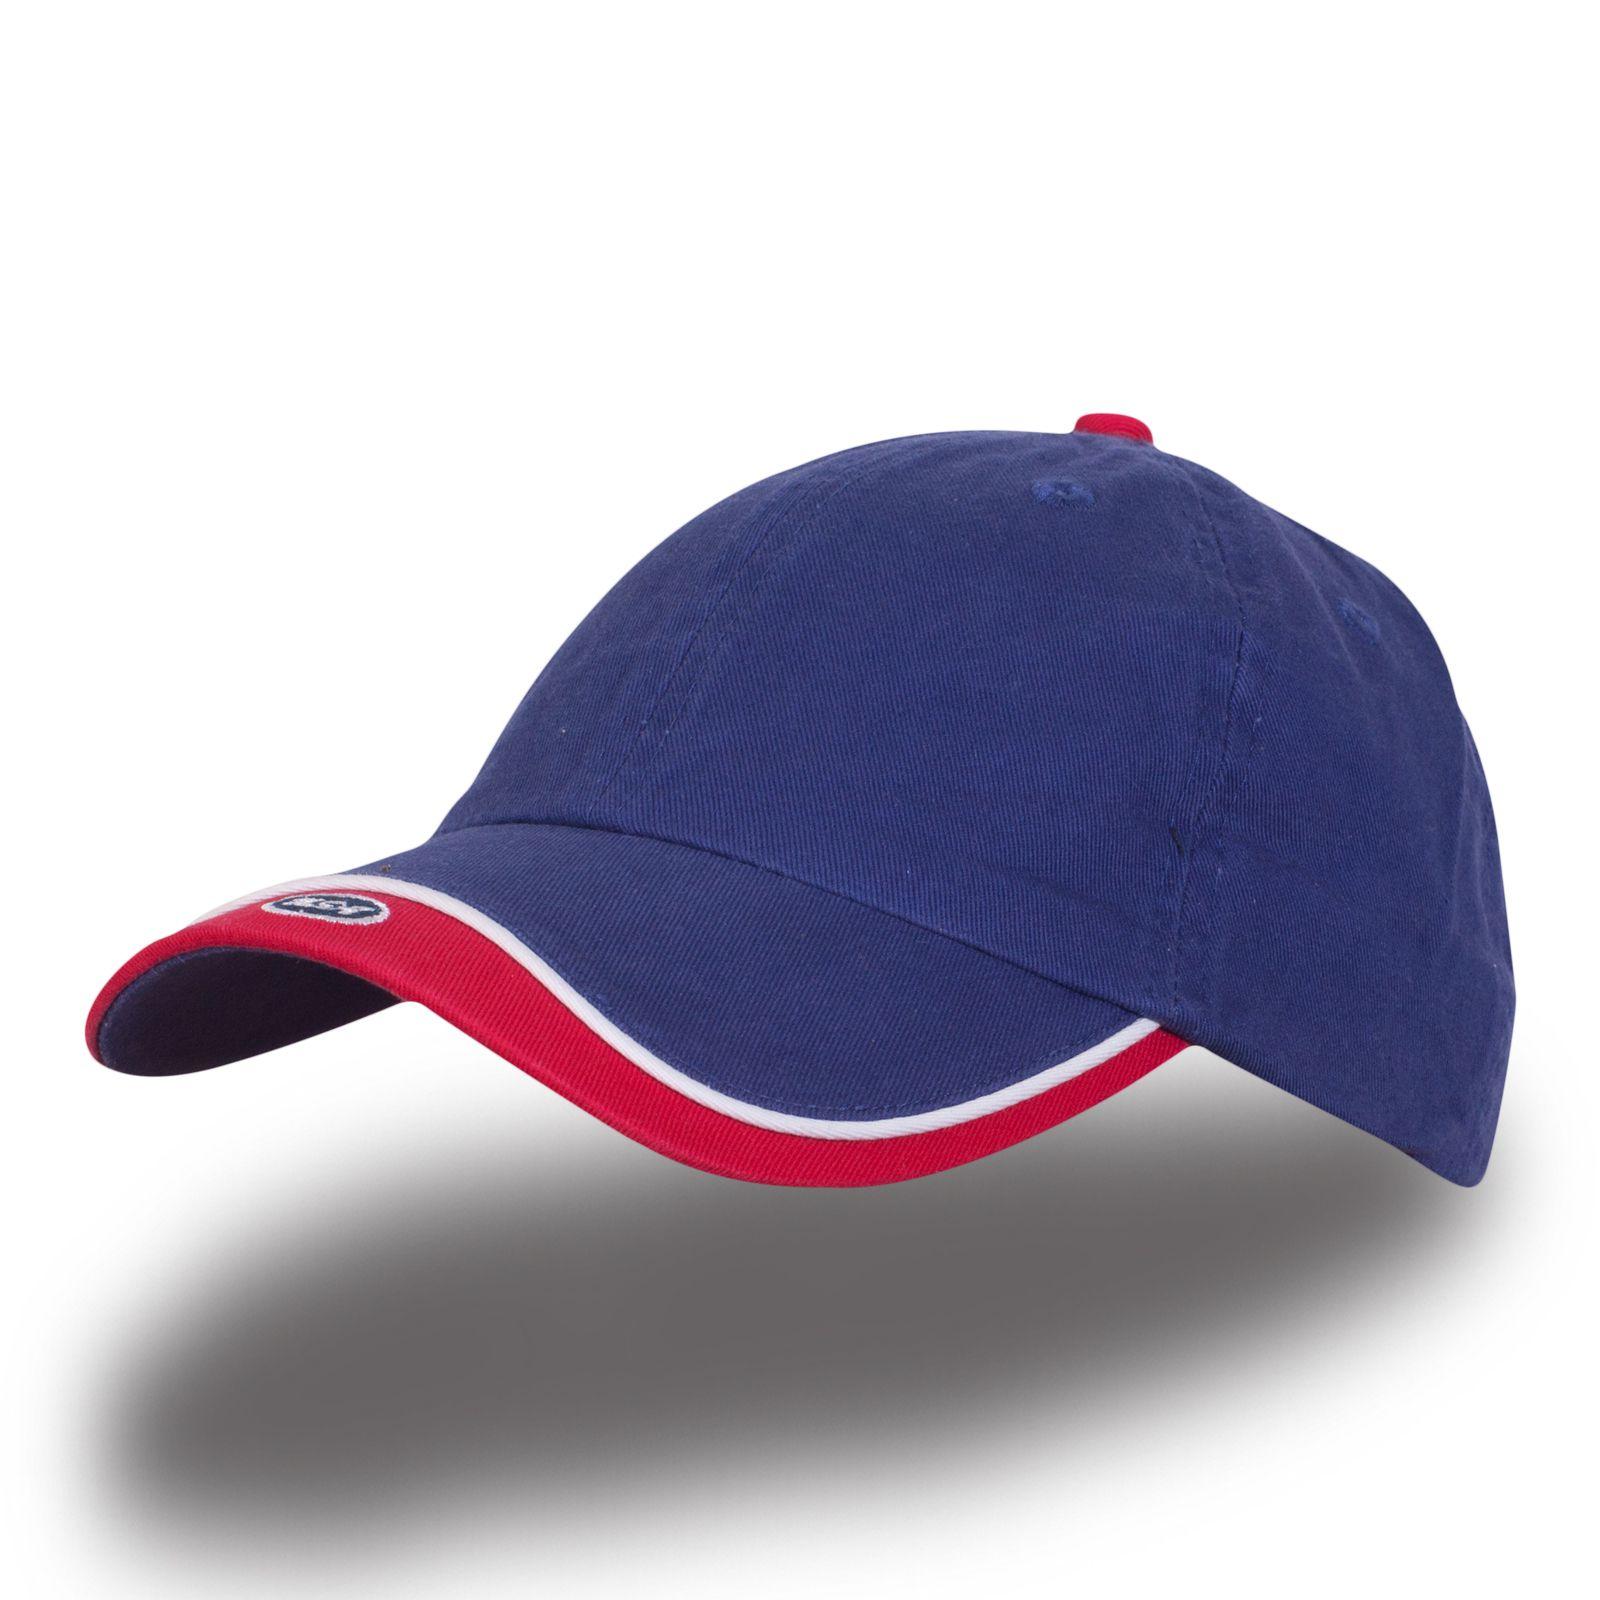 Синяя кепка - заказать с доставкой в интернет-магазине